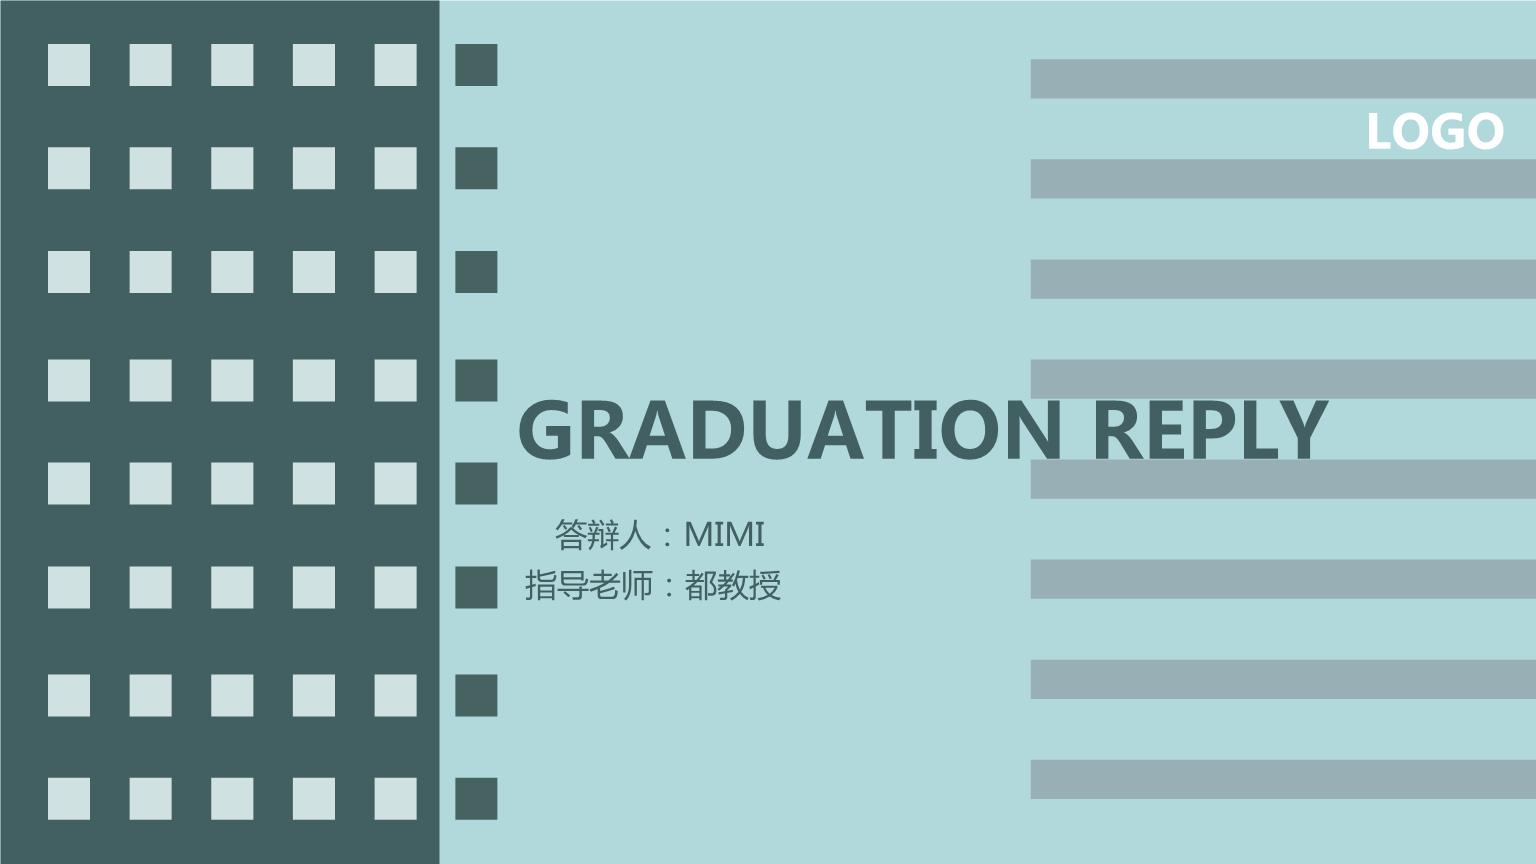 卡通风格-毕业答辩模板-求职模板、论文答辩、毕业论文、开题报告31.pptx